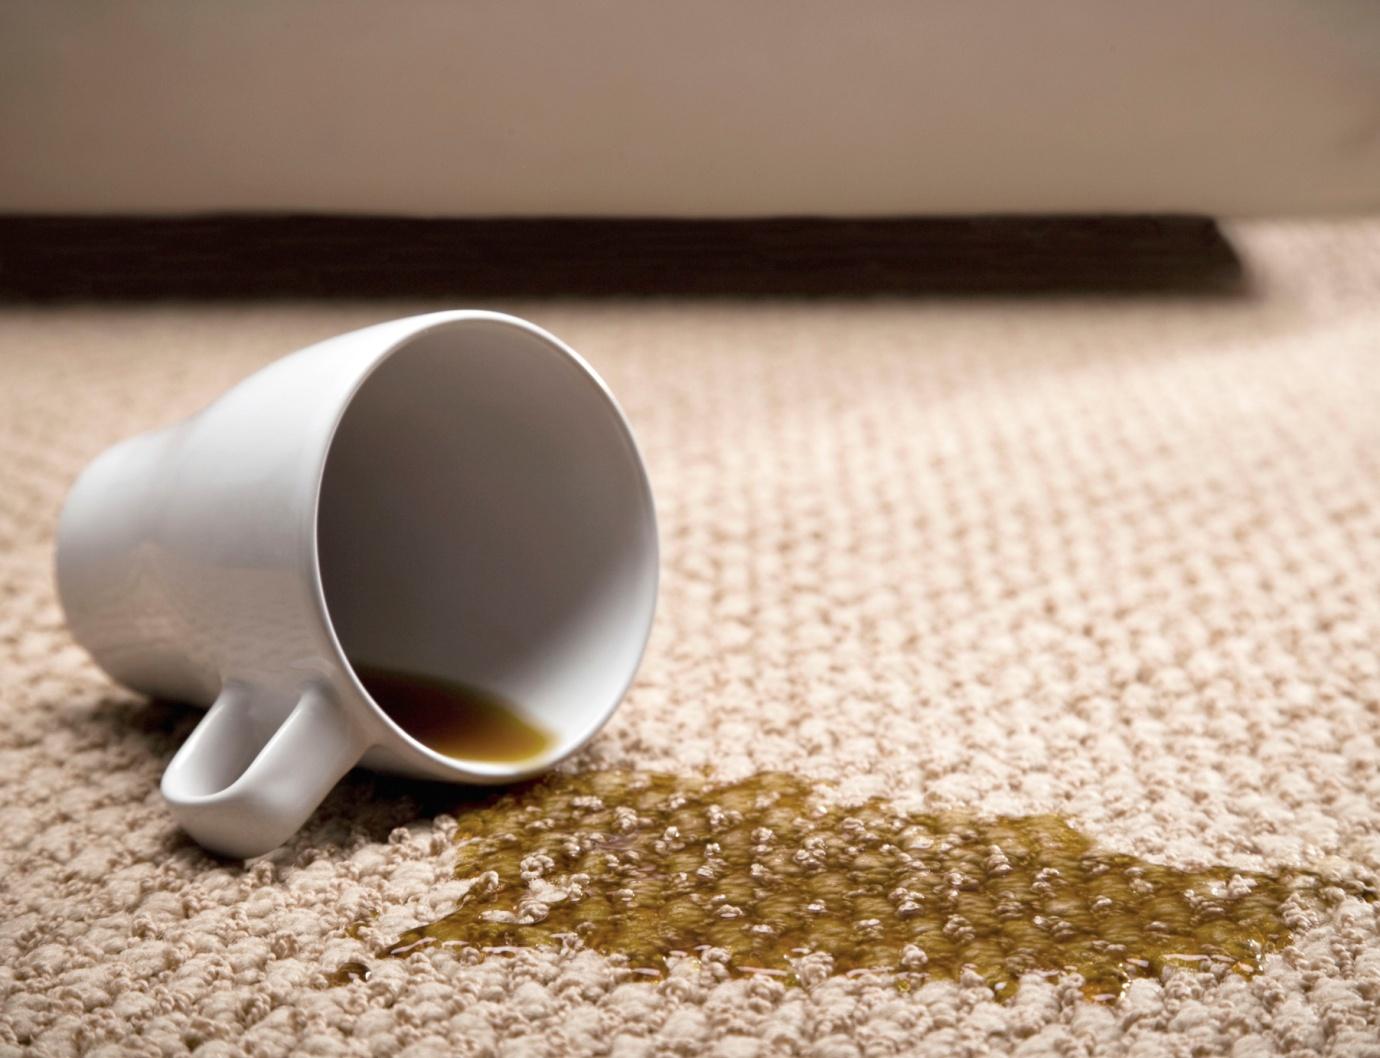 انواع لکهها و روشهای لکهگیری فرش